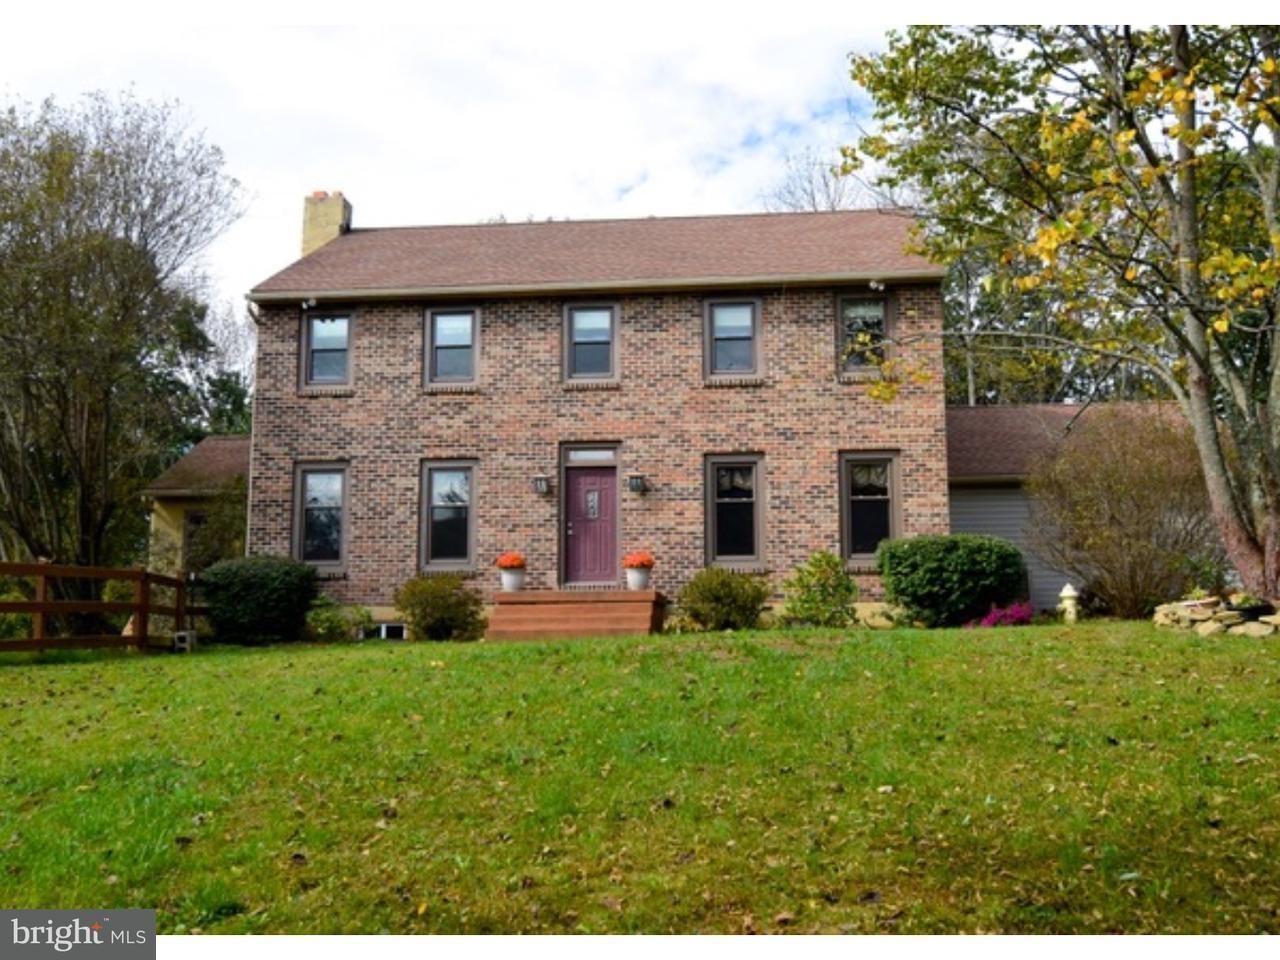 Частный односемейный дом для того Продажа на 64 MINE Road Oley, Пенсильвания 19547 Соединенные Штаты